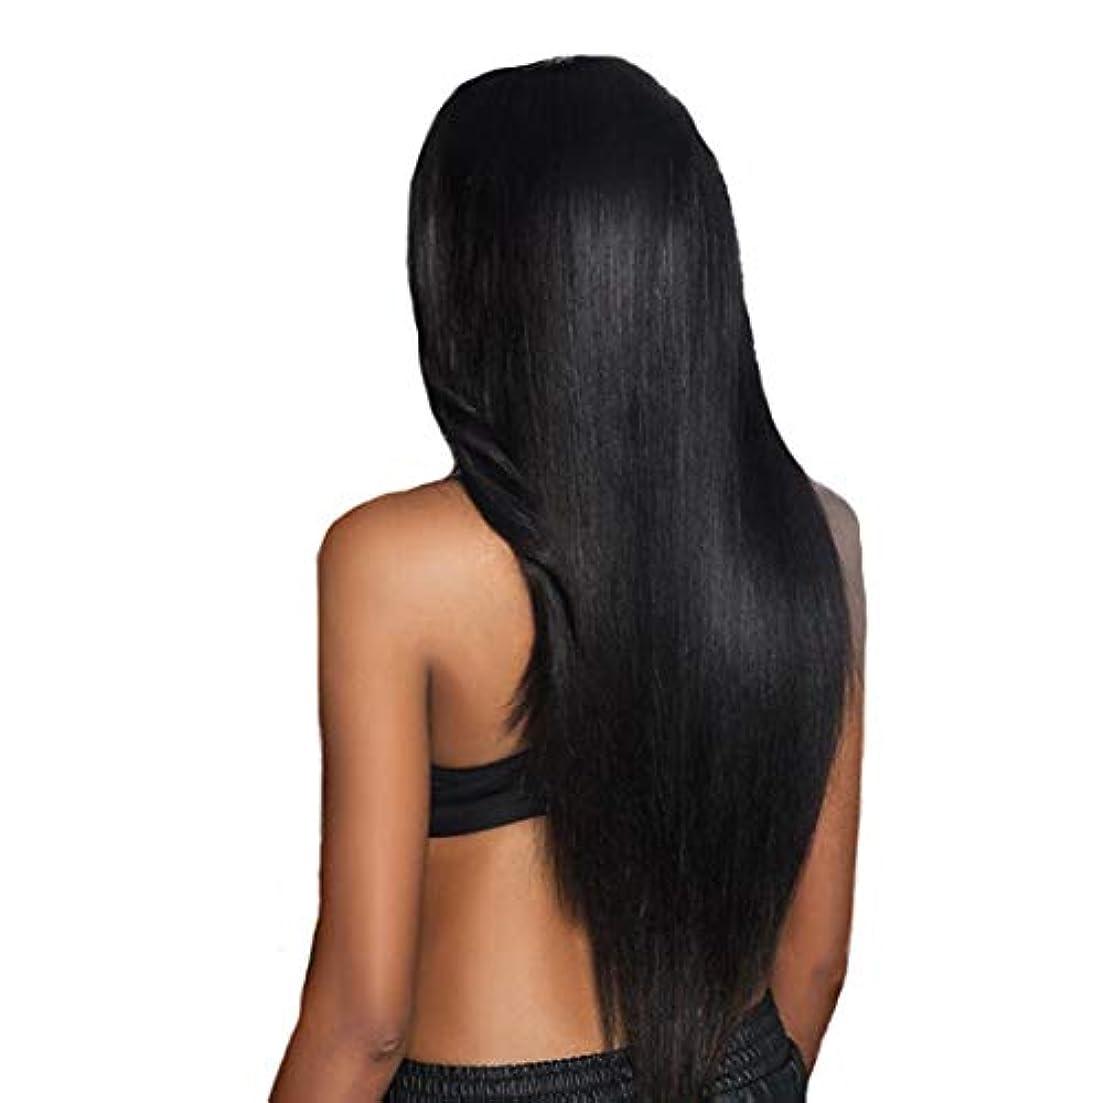 のヒープステートメントセットするSummerys 女性のための耐熱性耐熱性ロングストレート人工毛フルウィッグ